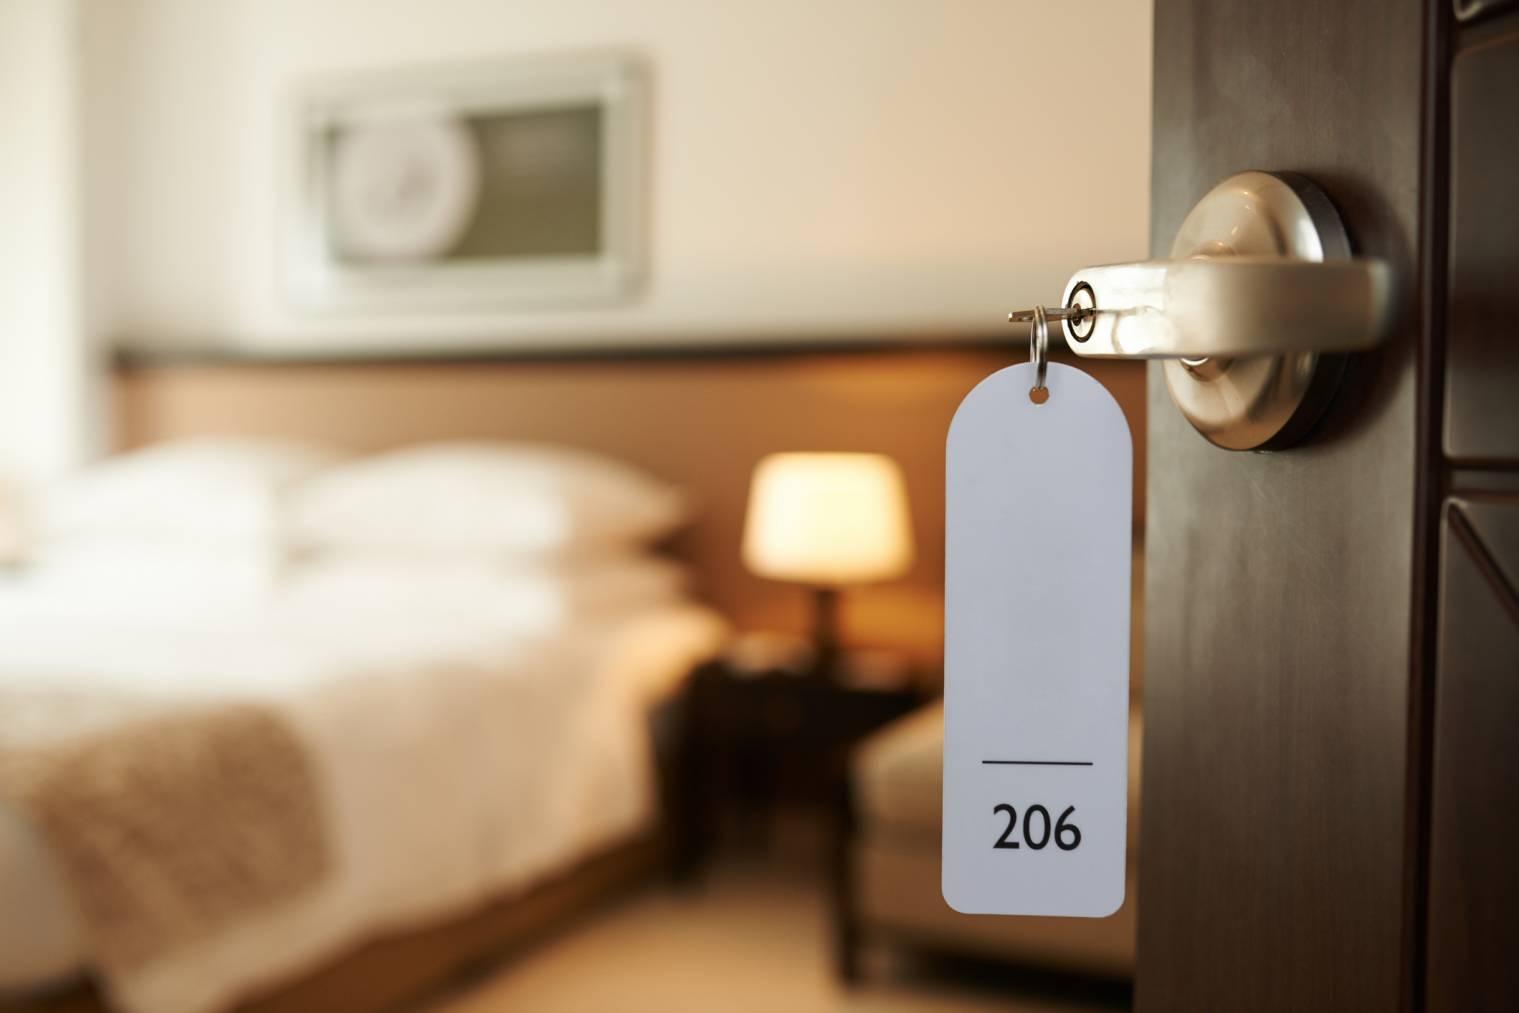 Quel diplome pour ouvrir un hotel ?